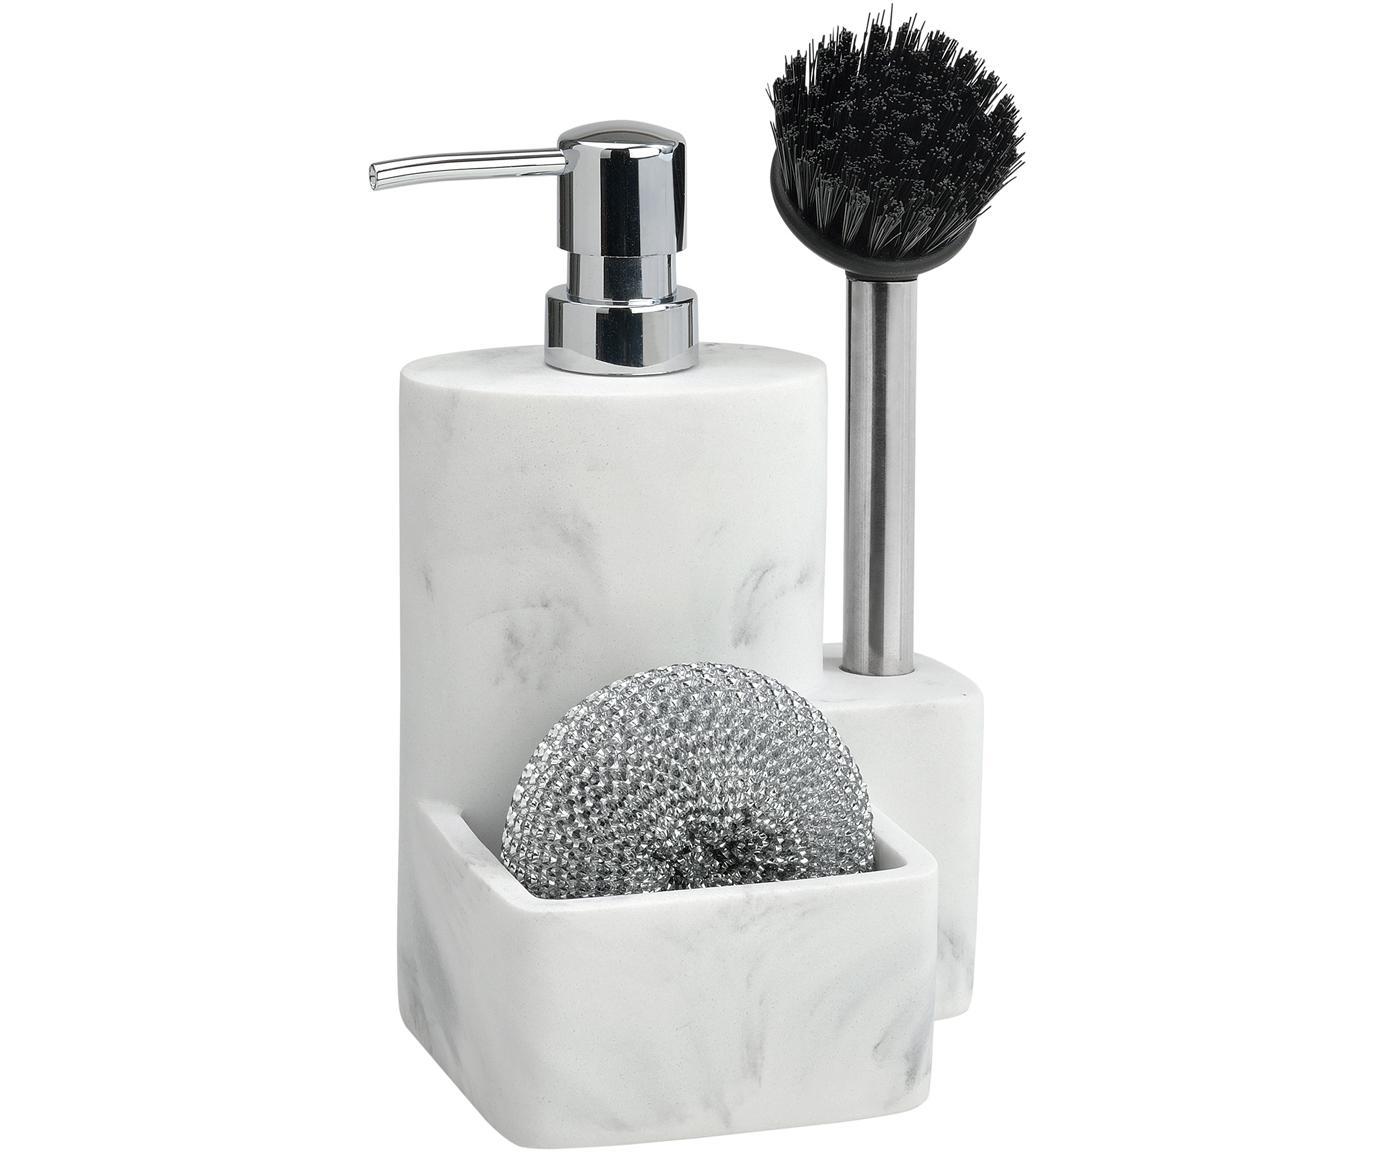 Dozownik do mydła  Galia, 3 elem., Biały, marmurowy, odcienie srebrnego, czarny, S 24 x W 12 cm